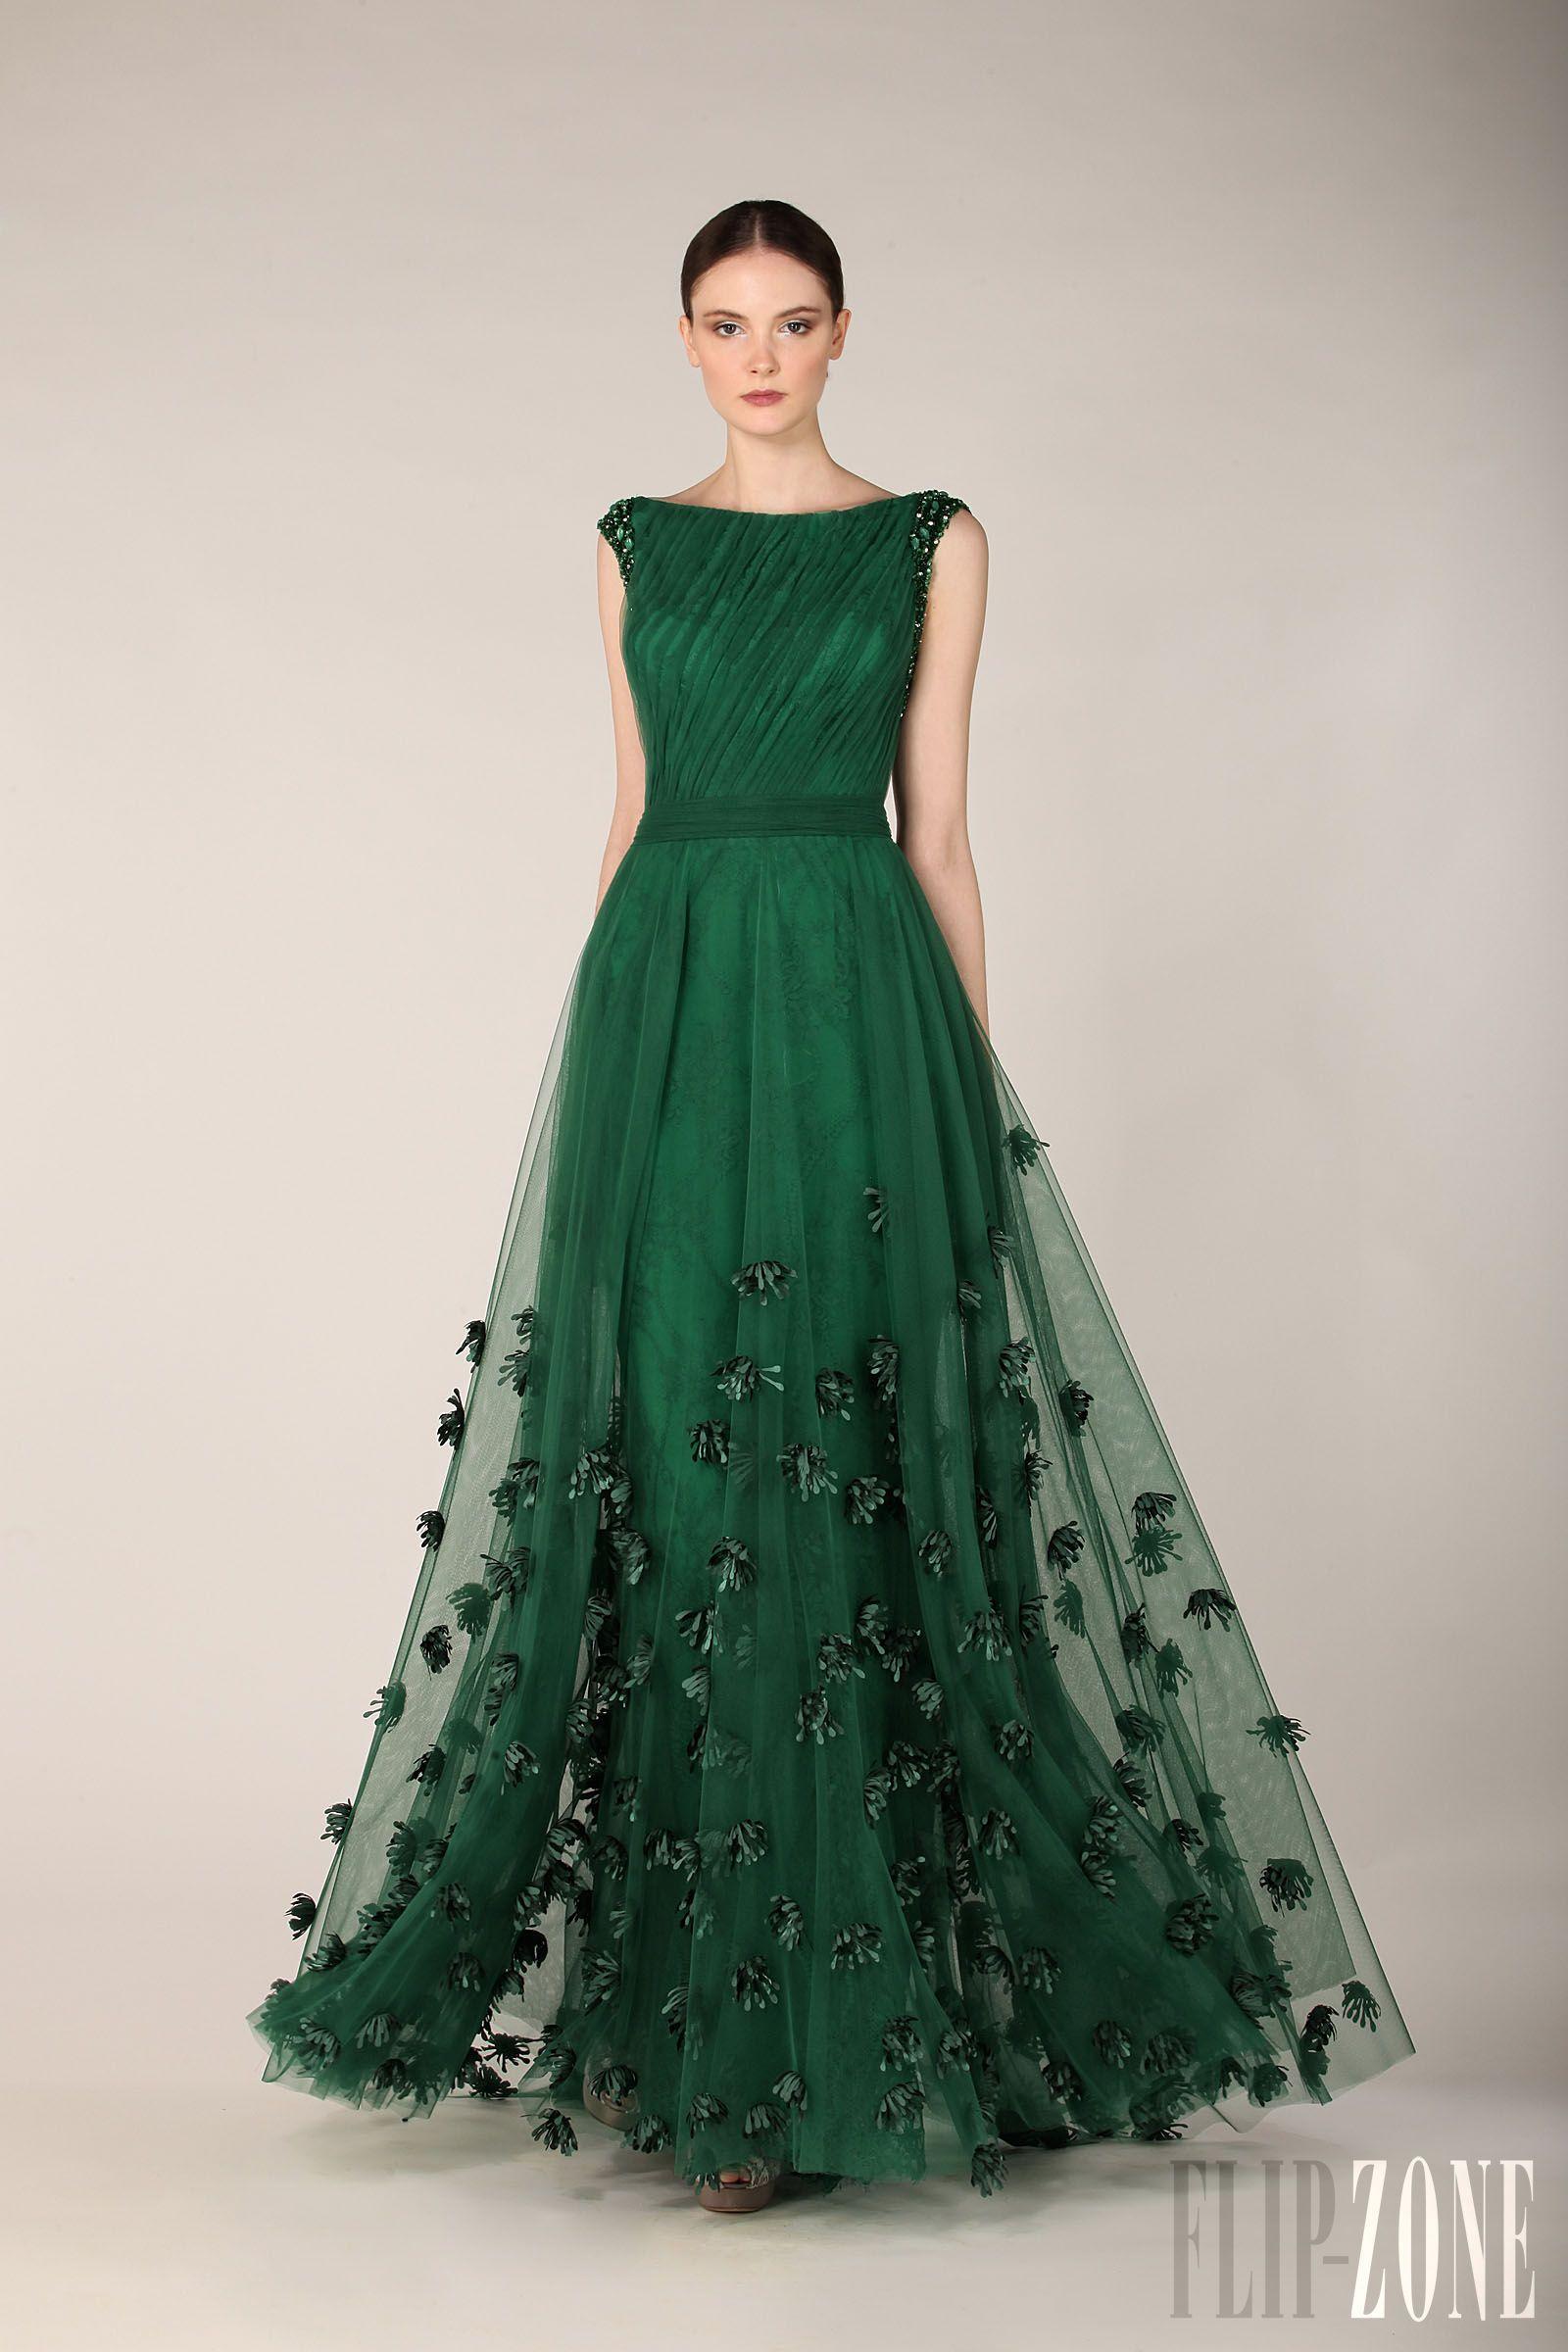 nuevo estilo dee2b 4216d Vestidos Para Sair A Noite Elegante Elegante Zuhair Murad Vestido Verde  Esmeralda Tampa Manga Vestido De Noite AL2051 Vestidos Longos Para  Formatura ...